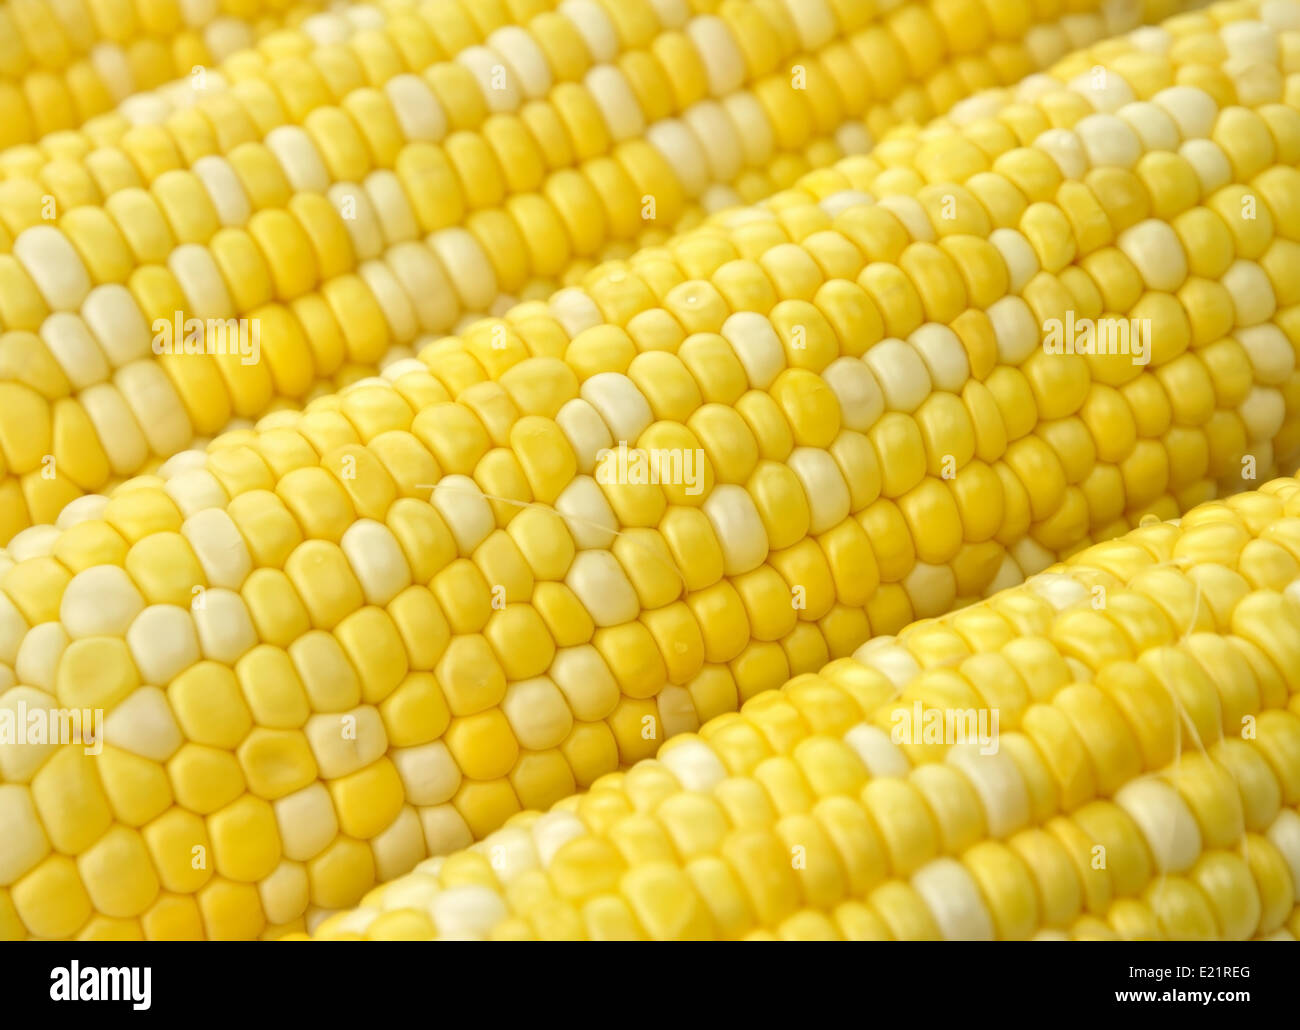 Ears of corn - Stock Image